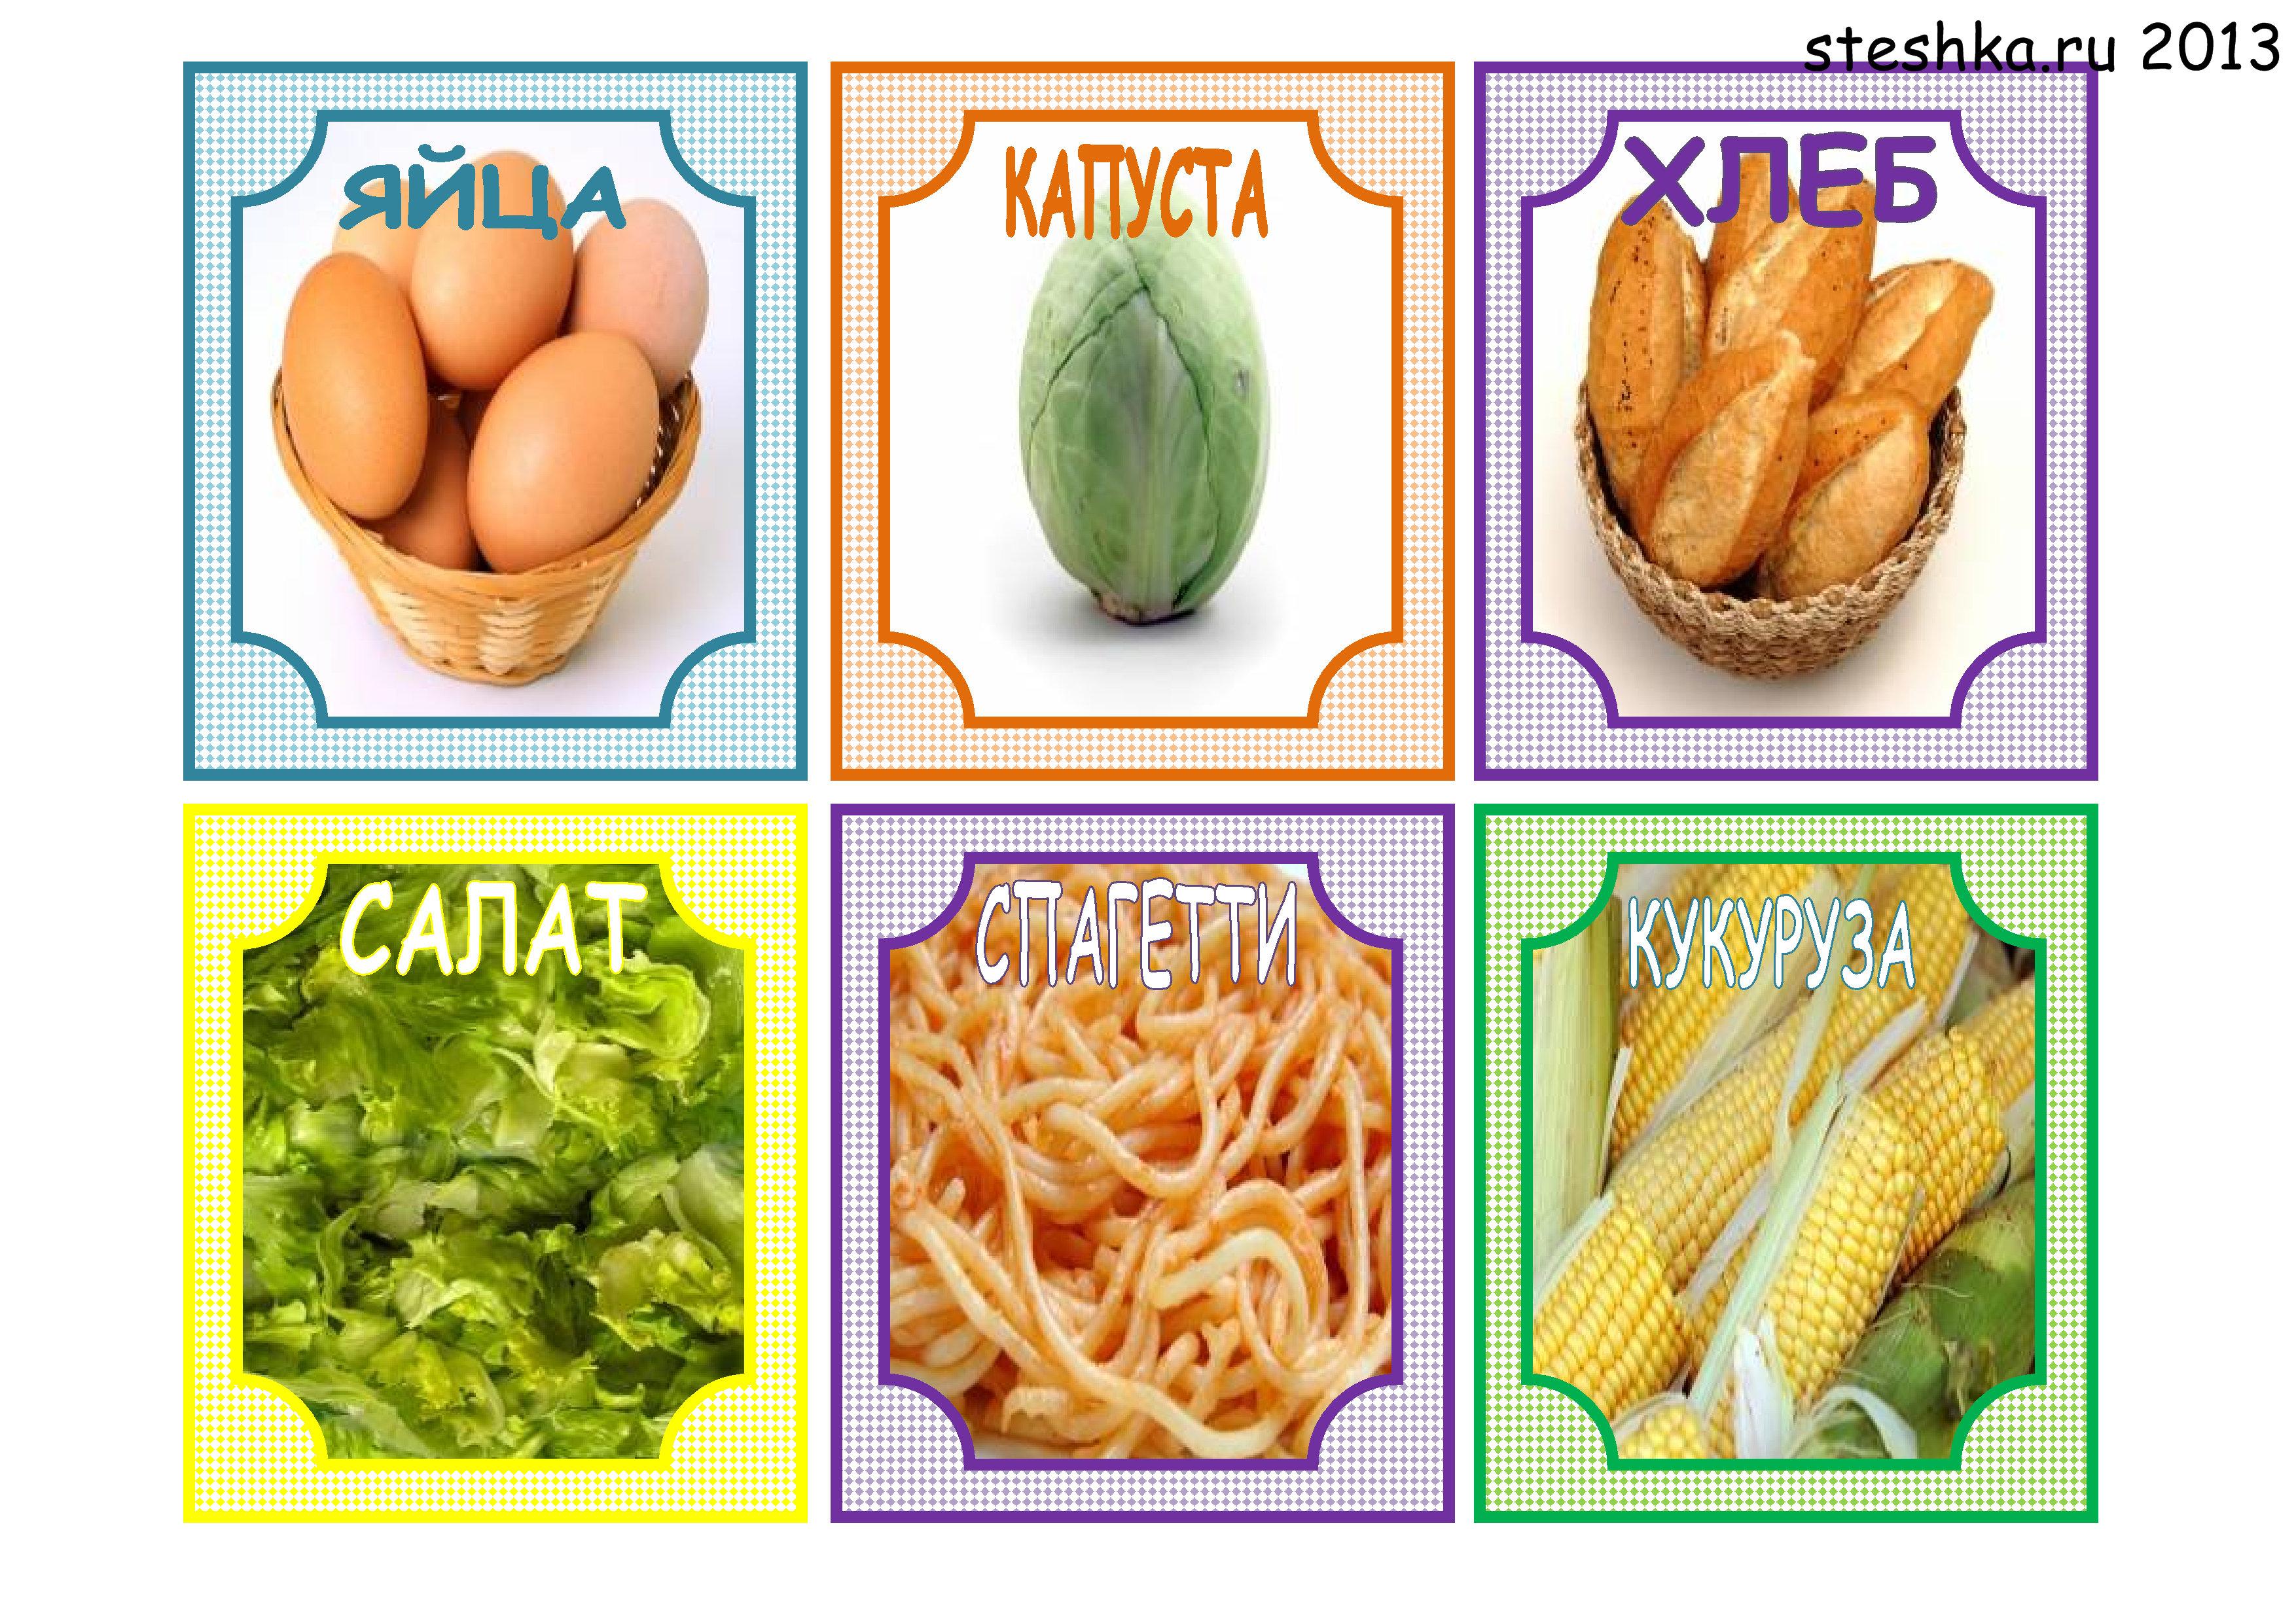 какие продукты можно кушать чтобы похудеть